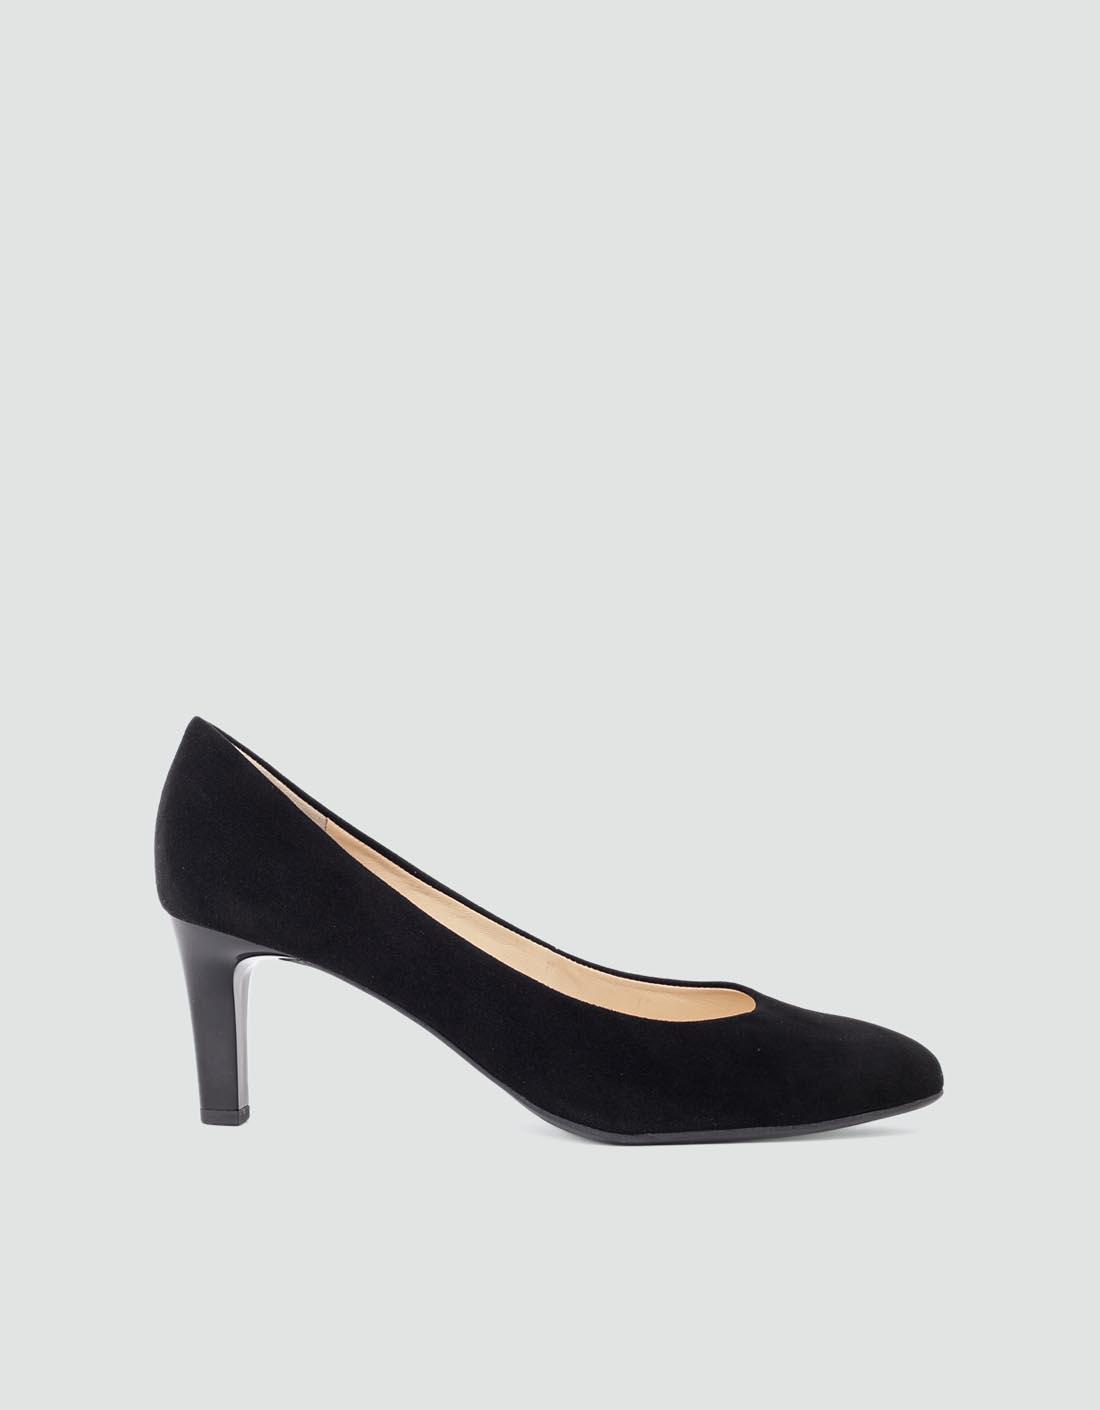 34a177645e41 högl Damen Schuhe Pumps mit Glanzabsatz schwarz Verkaufsschlager XI5VPn3w